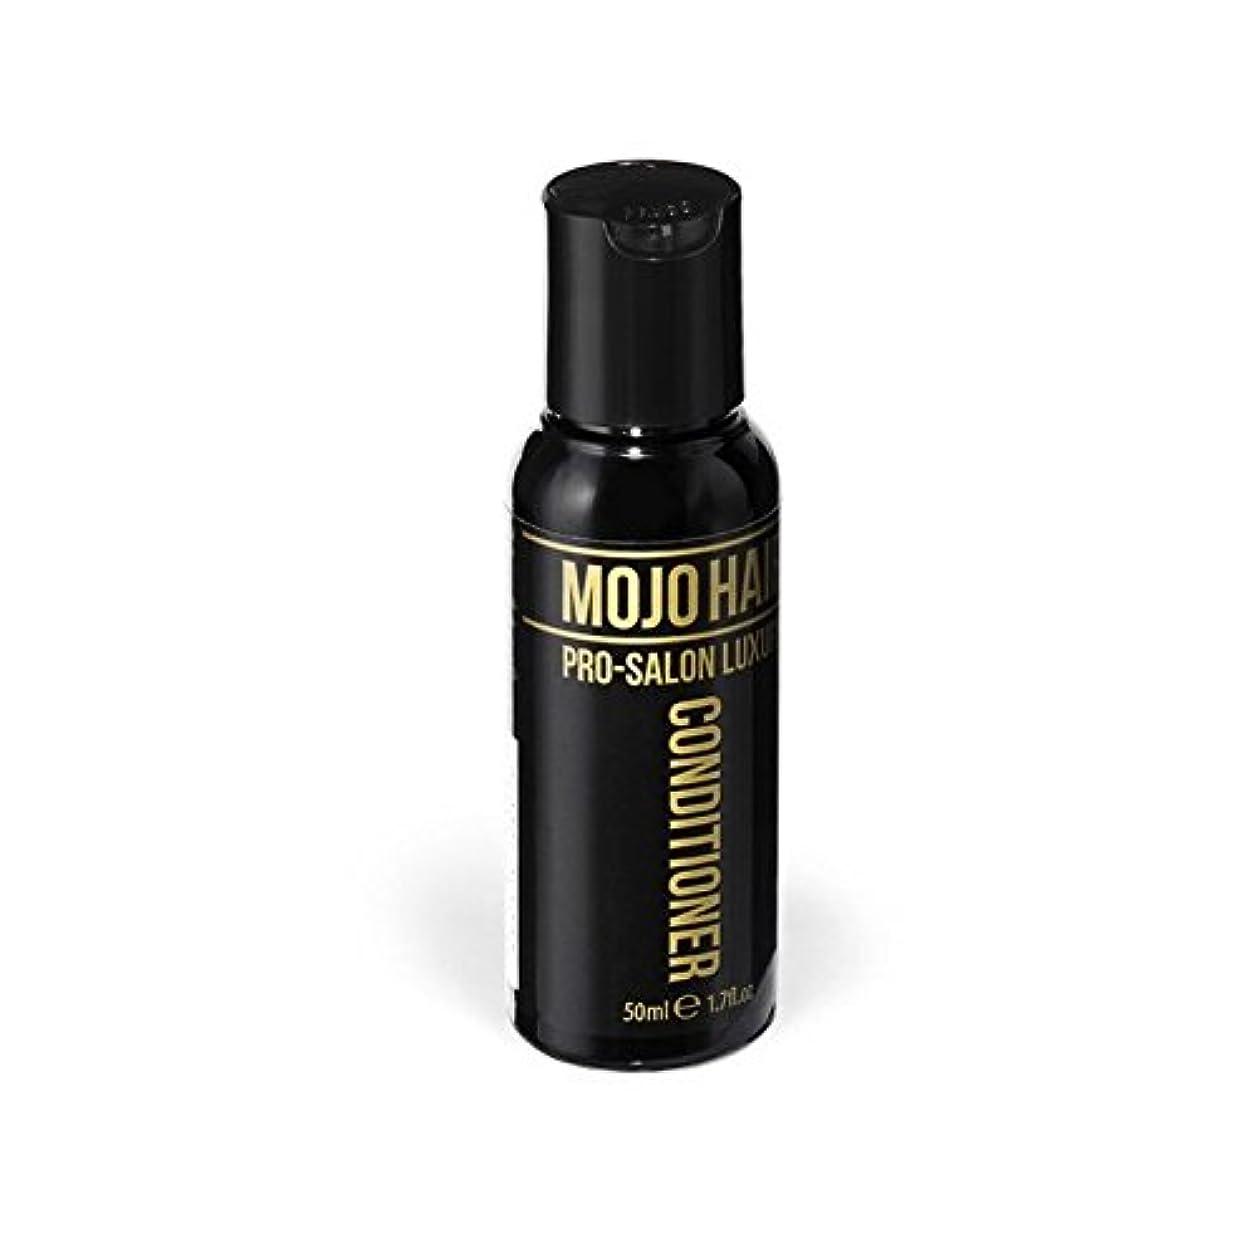 叙情的なハッピー有効Mojo Hair Pro-Salon Luxury Conditioner (50ml) - モジョの毛プロのサロンの贅沢なコンディショナー(50ミリリットル) [並行輸入品]